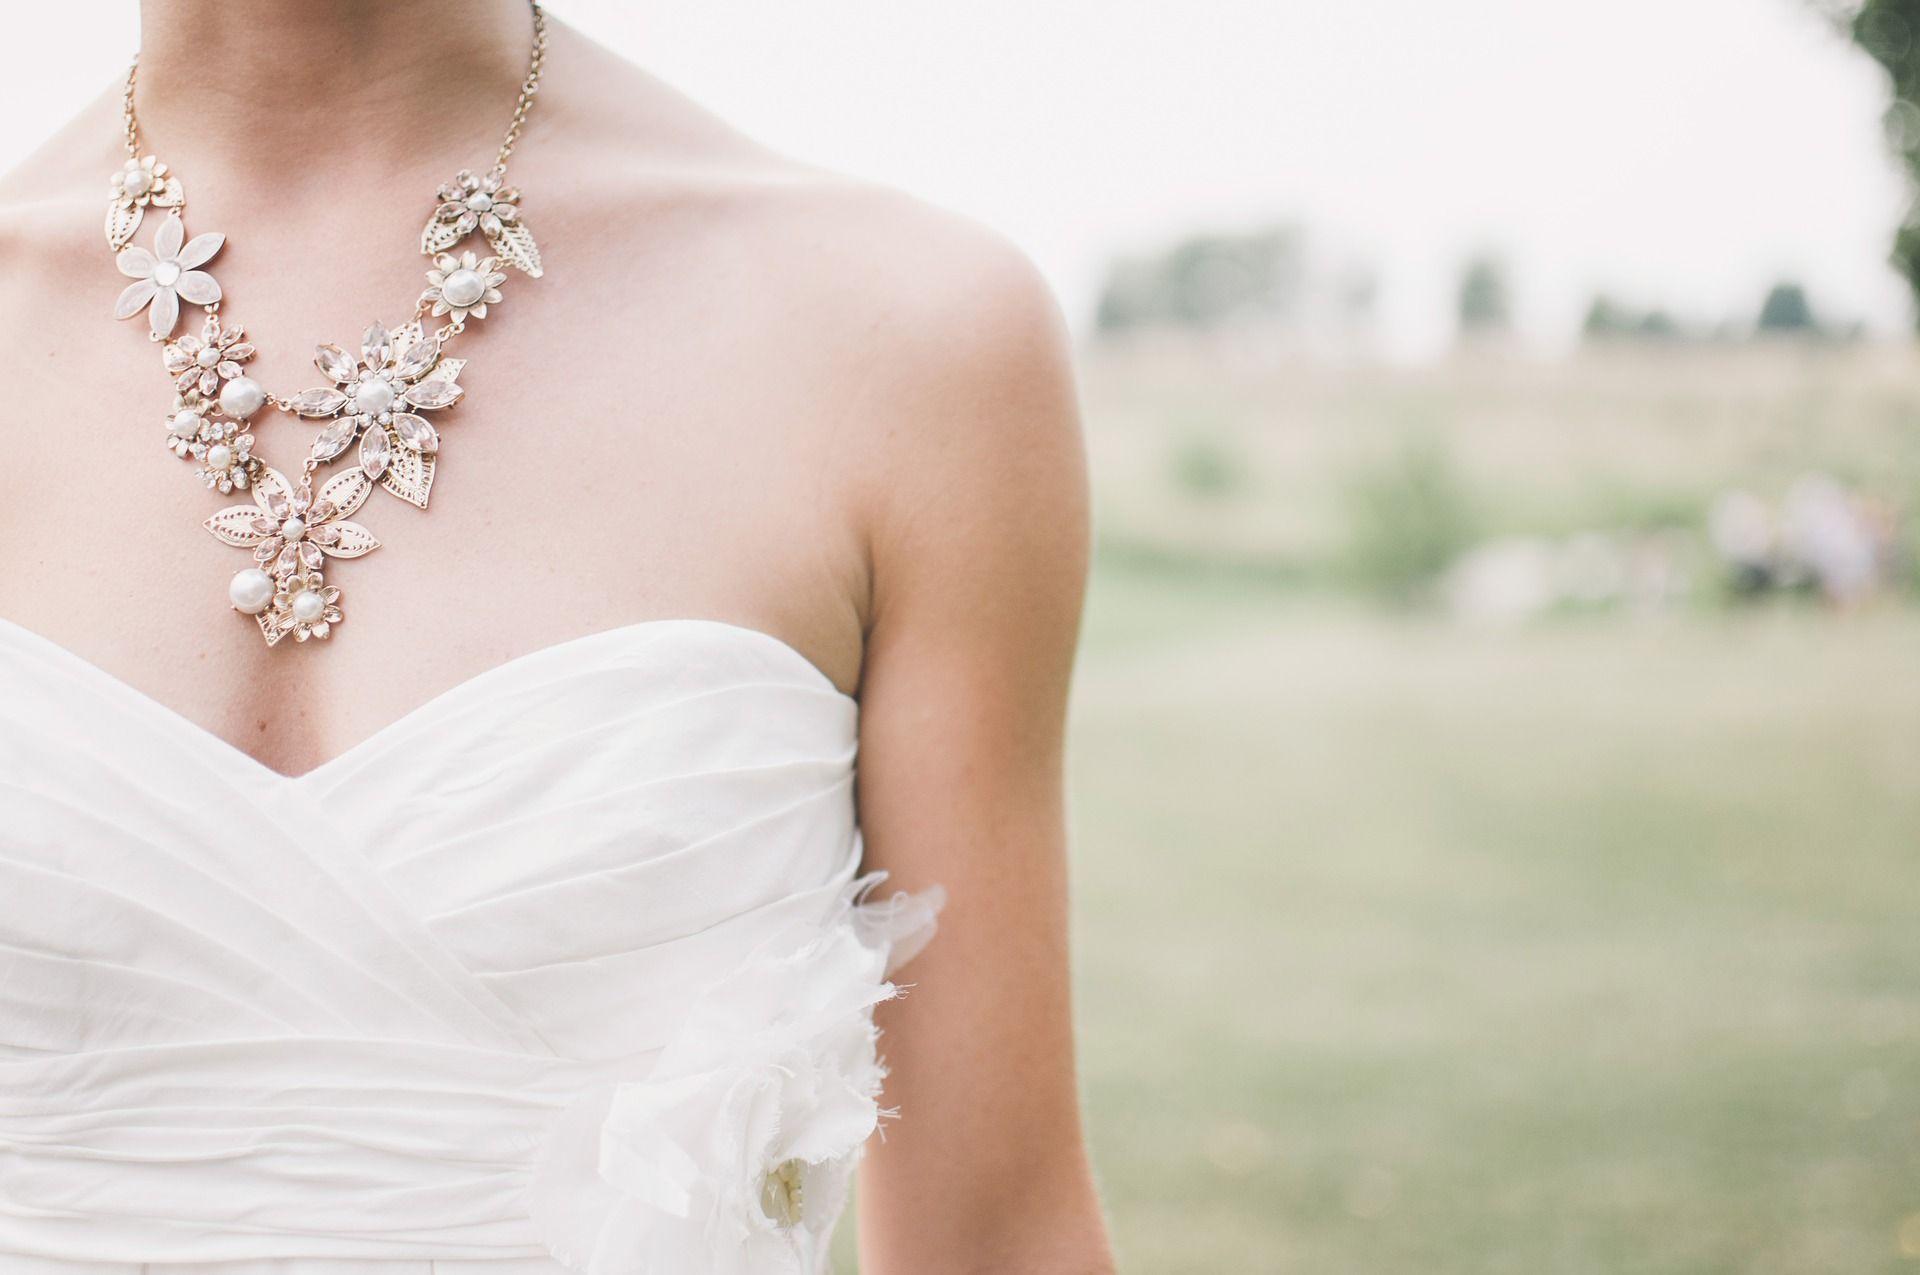 trang sức cưới - vòng cổ to bản váy cưới cúp ngực